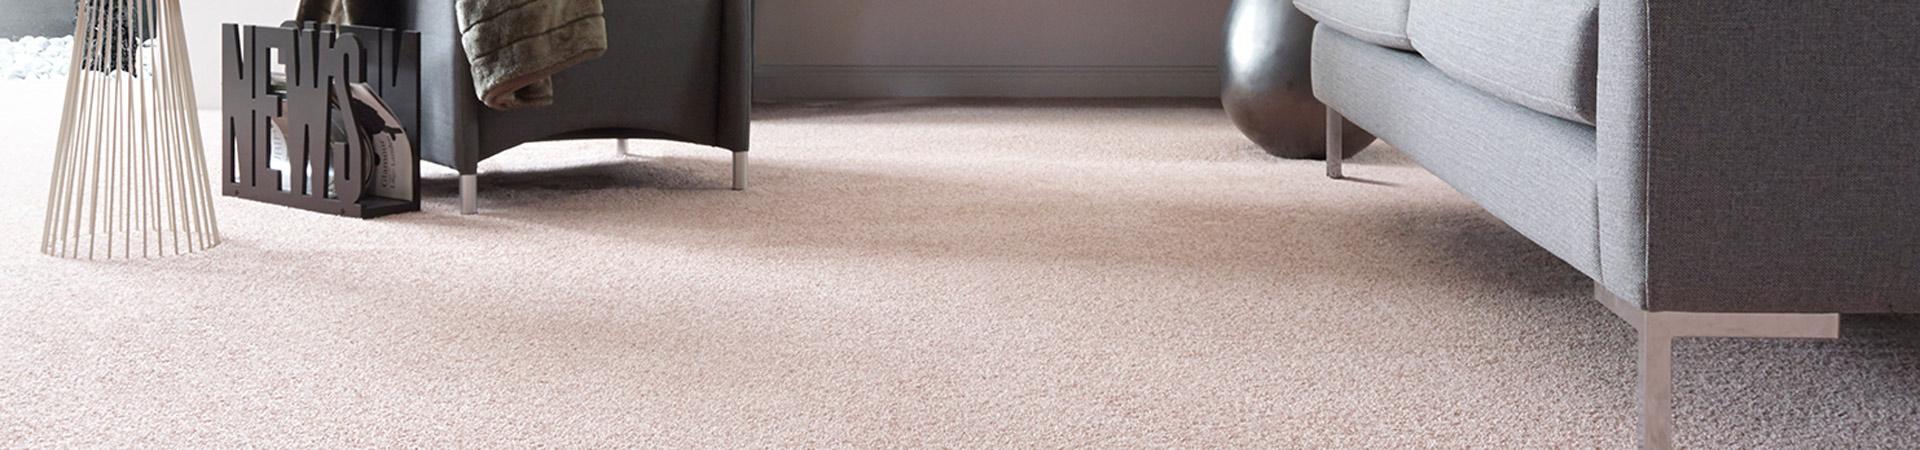 Nieuw-tapijt-kopen-voor-je-woonkamer